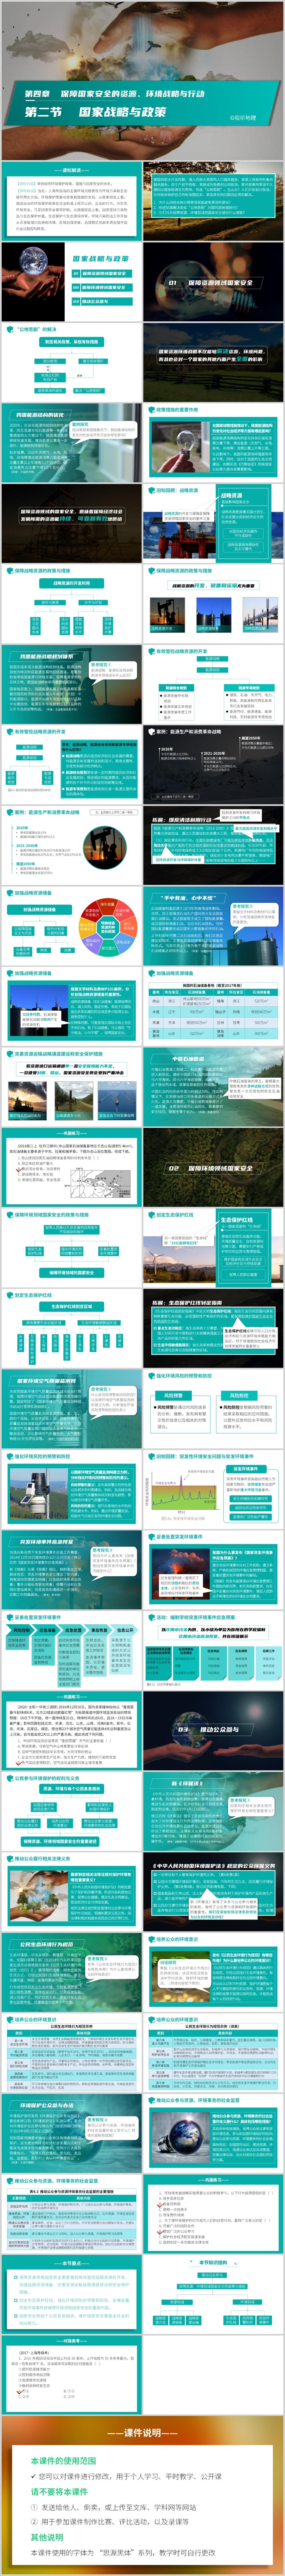 4.2国家战略与政策[2019人教版]1.jpg